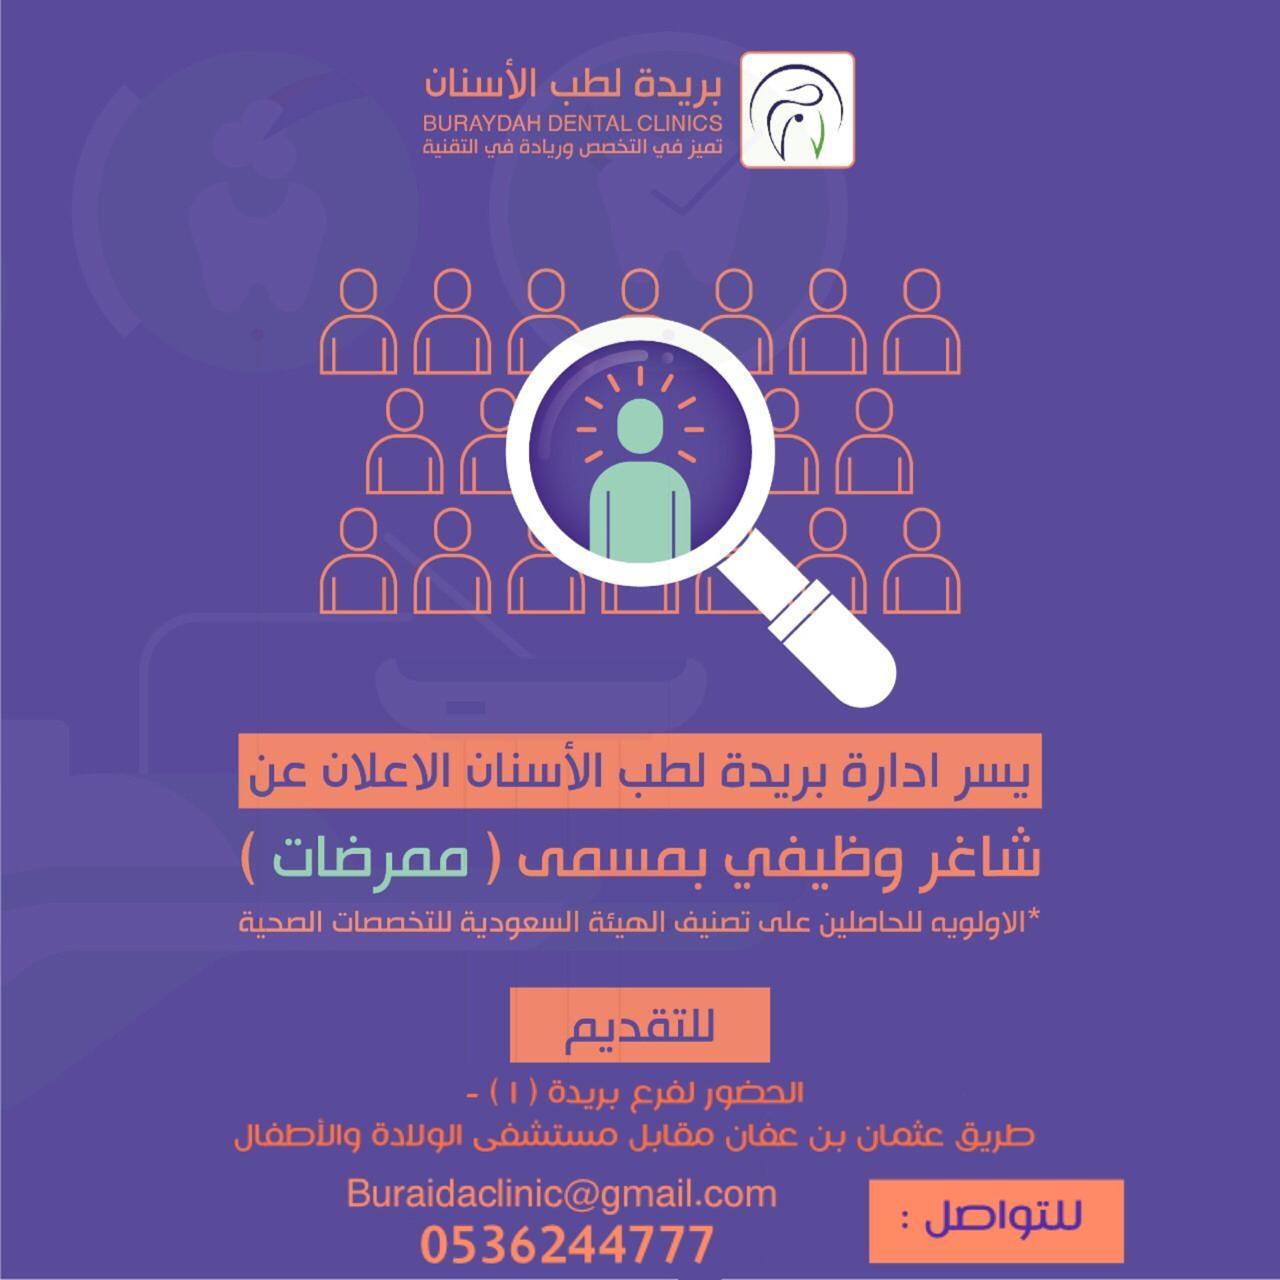 مطلوب ( ممرضات ) بمجمع بريدة لطب الأسنان بمدينة #بريدة